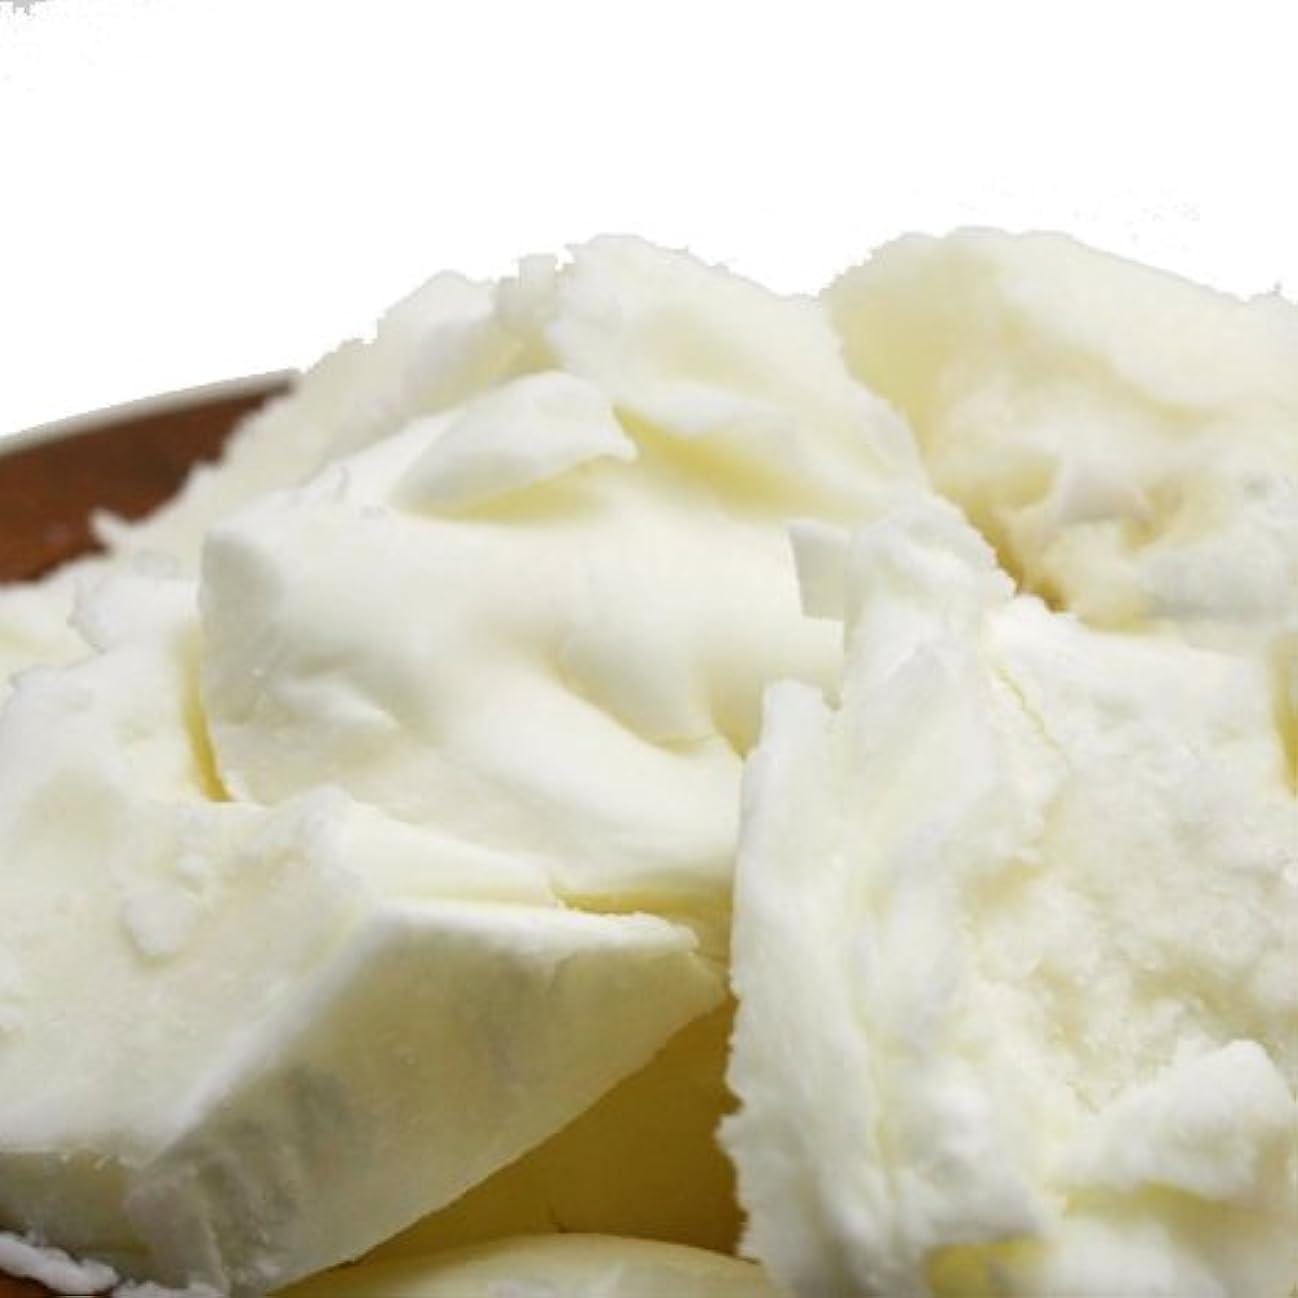 嫌がらせプレゼント世界記録のギネスブック精製シアバター 100g シア脂 【手作り石鹸/手作りコスメ/手作り化粧品】